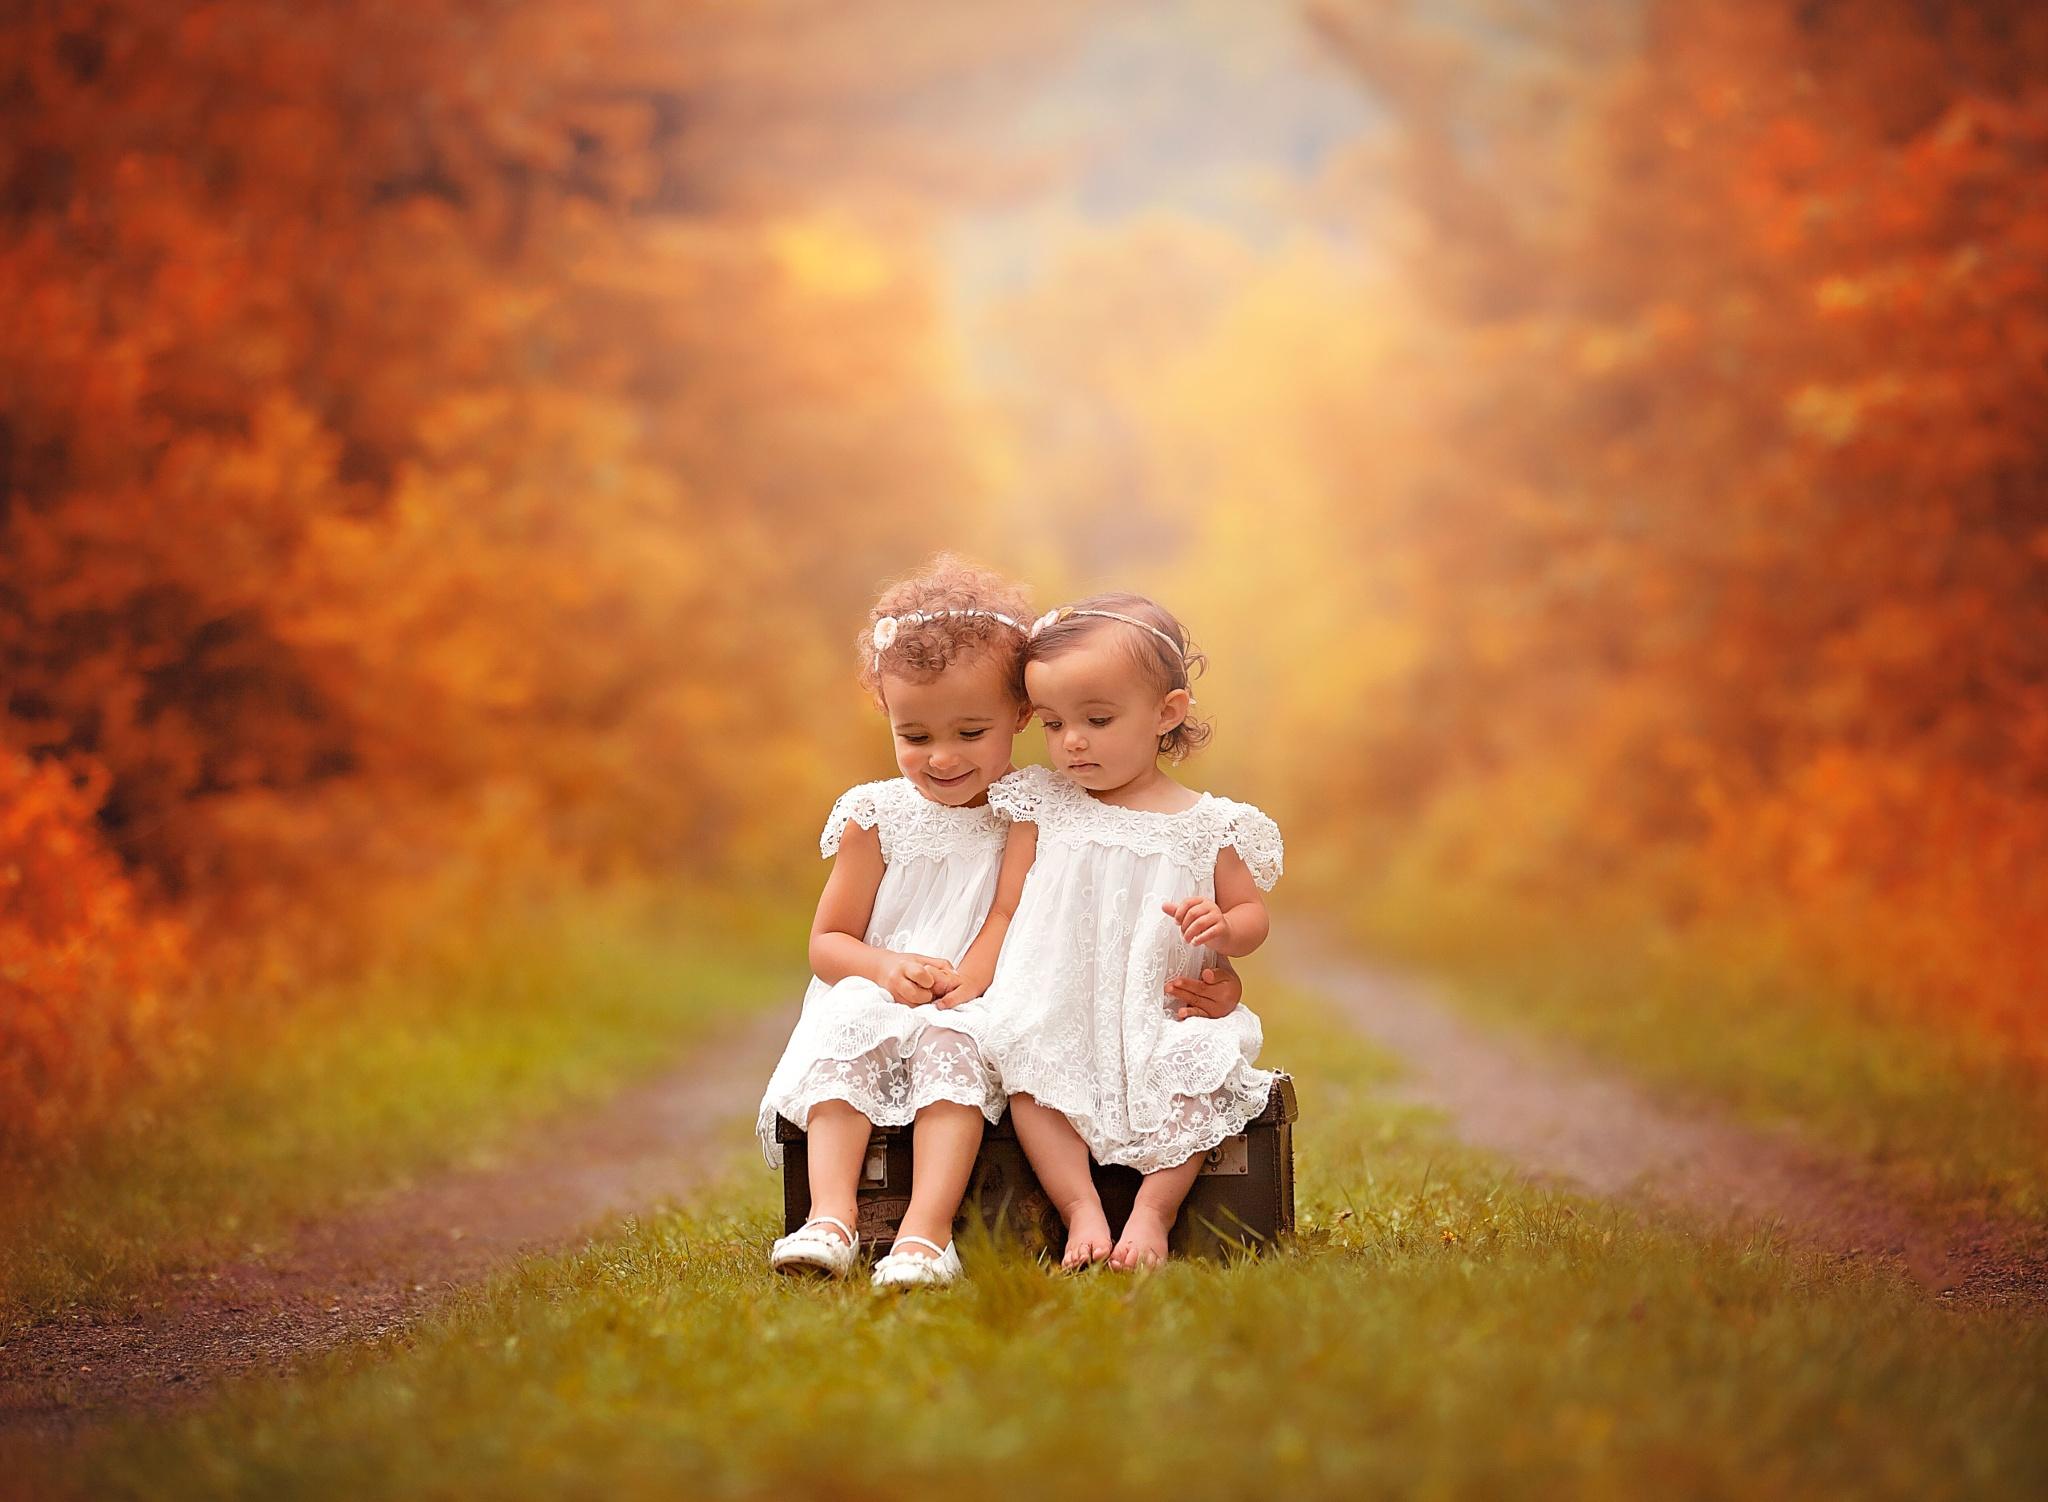 My Sister, My Friend by Alana Smith